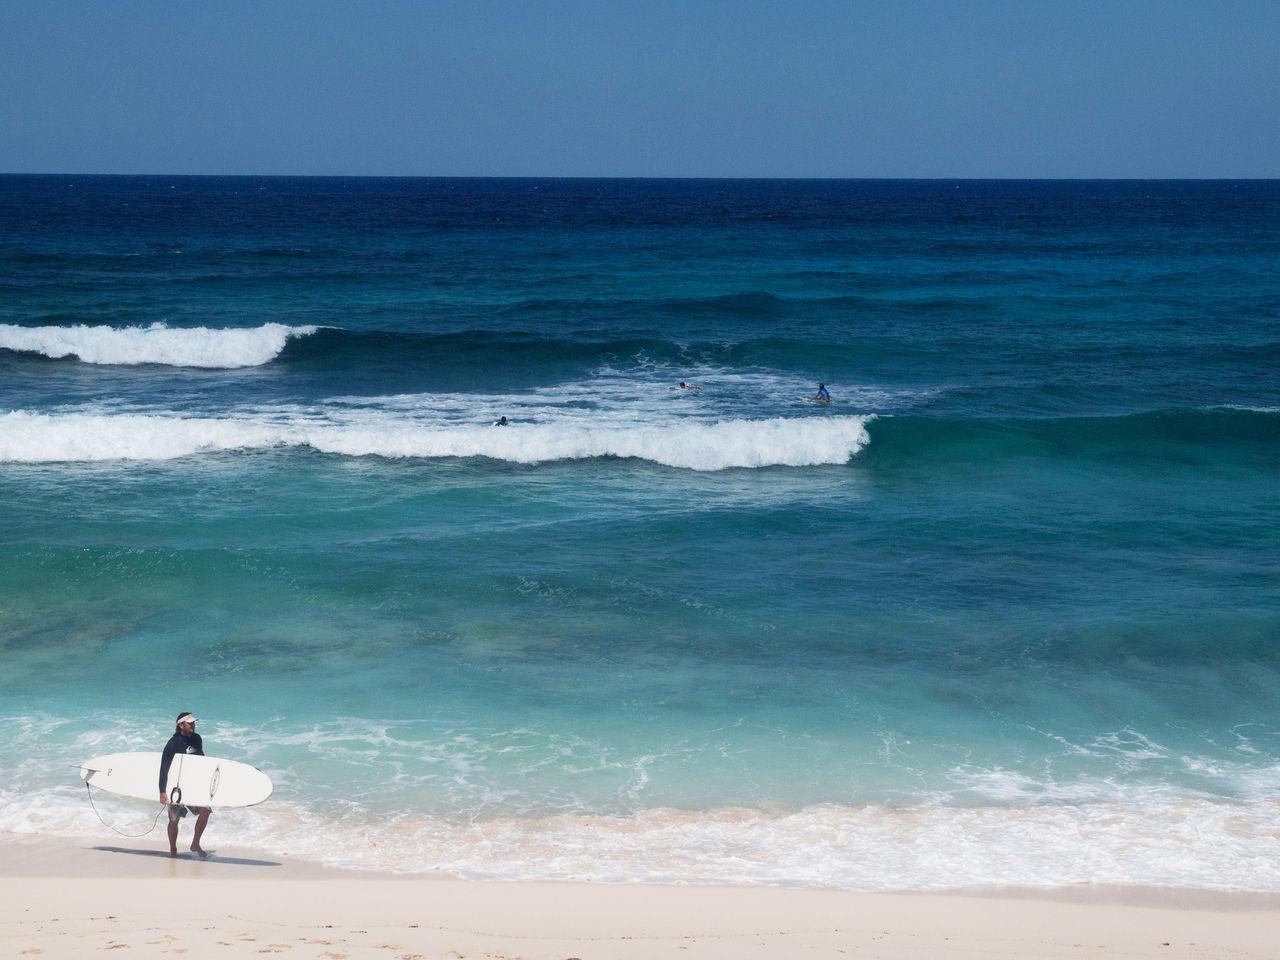 Bahamas Eleuthera - Surfer's Beach